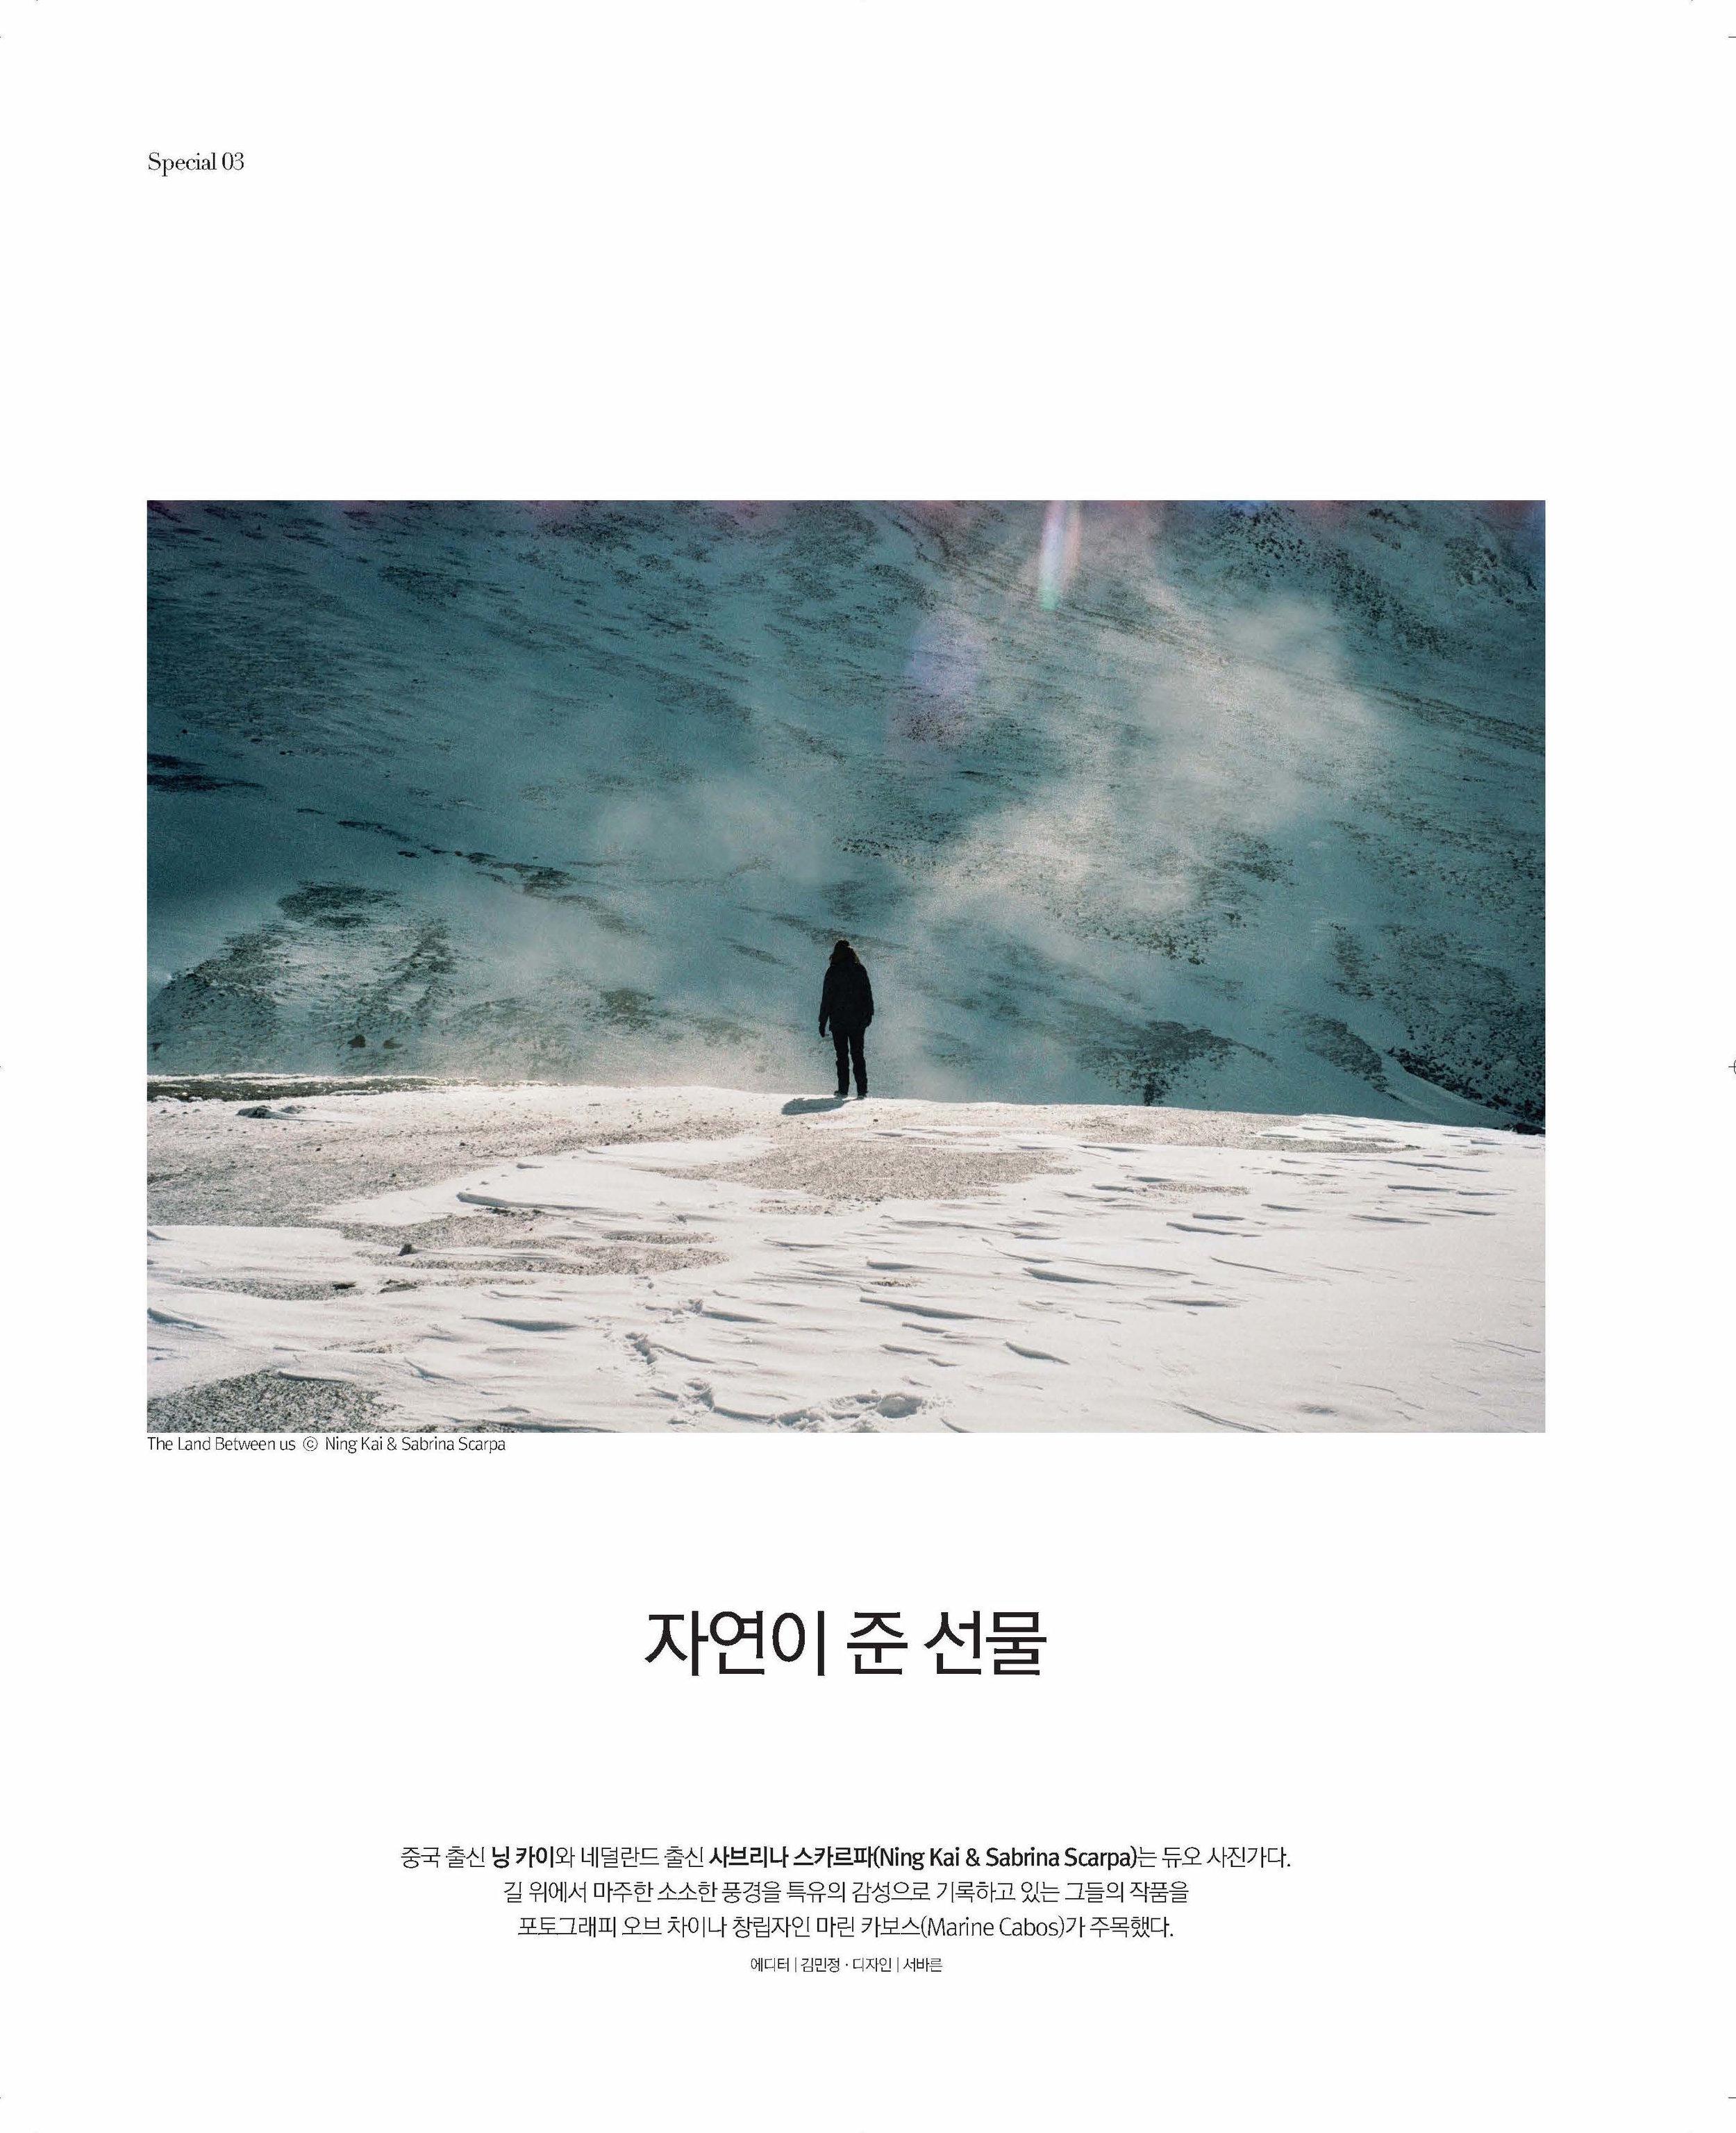 2017-monthly-magazine-korea-marine-cabos-photography-of-china-10.jpg